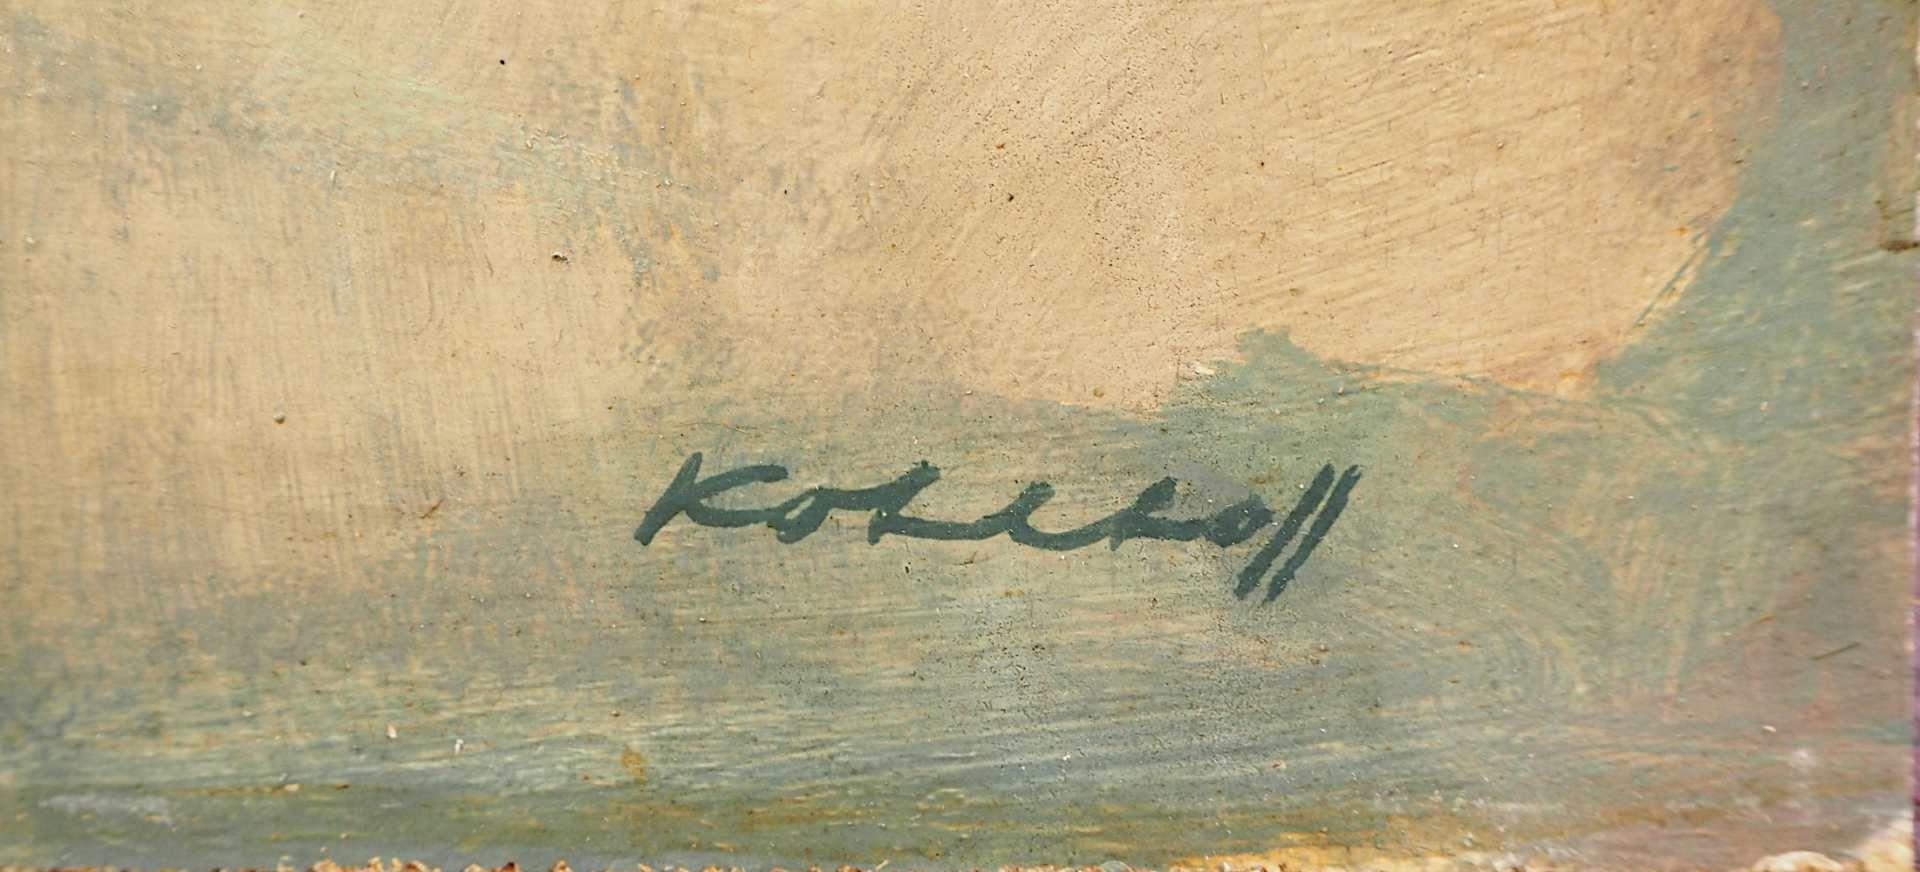 """1 Ölgemälde """"Junge mit Holzpferd"""" R.u. sign. KOHLHOFF (wohl Wilhelm K. 1893-1971) lt - Bild 2 aus 3"""